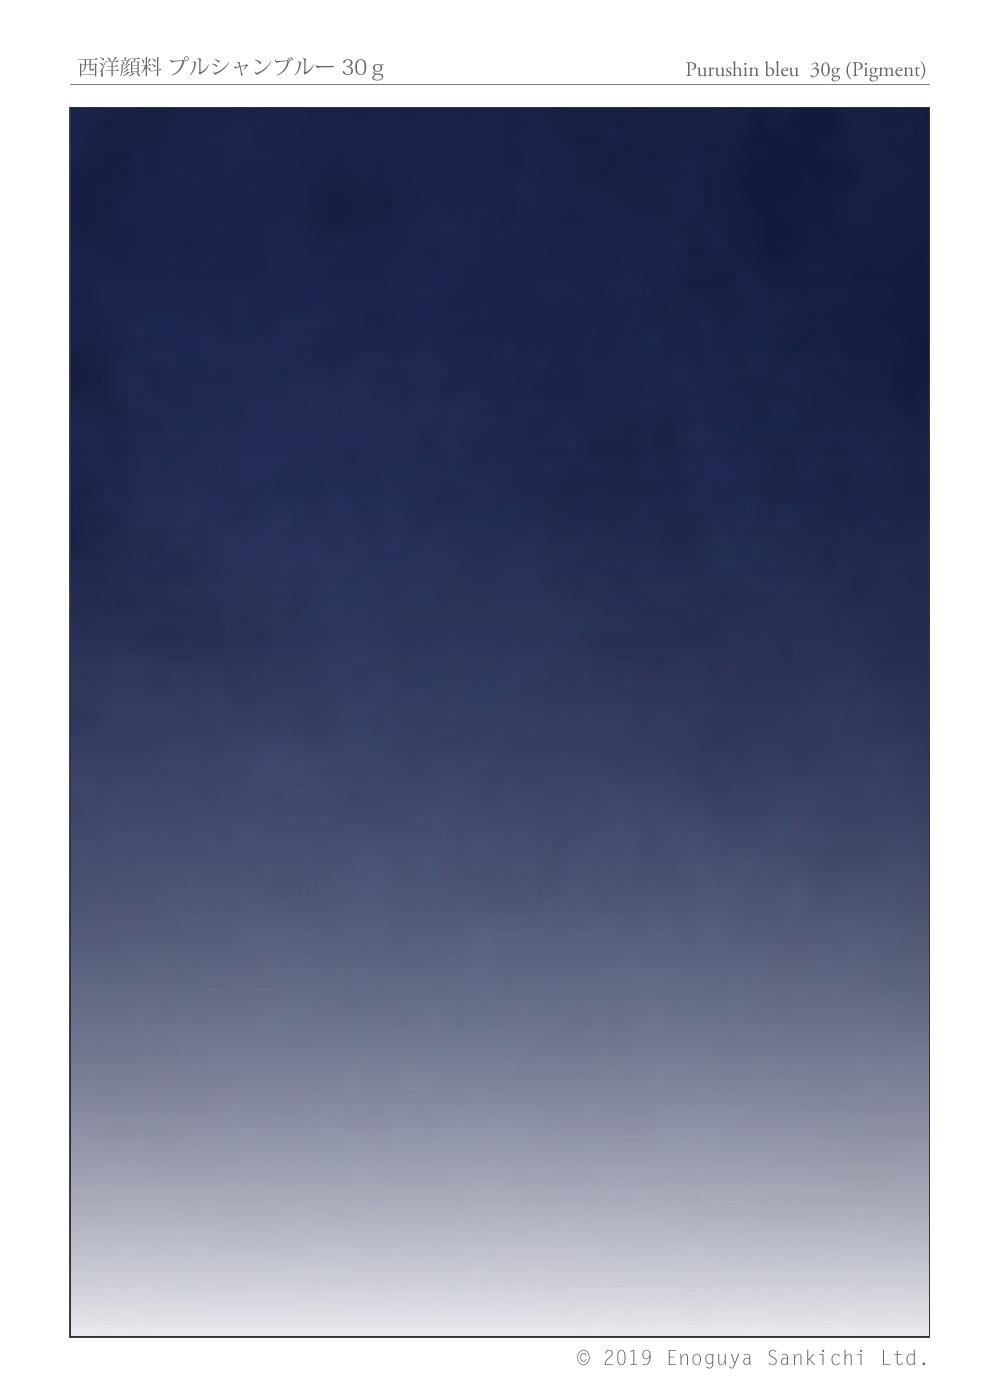 西洋顔料 プルシャンブルー 30g